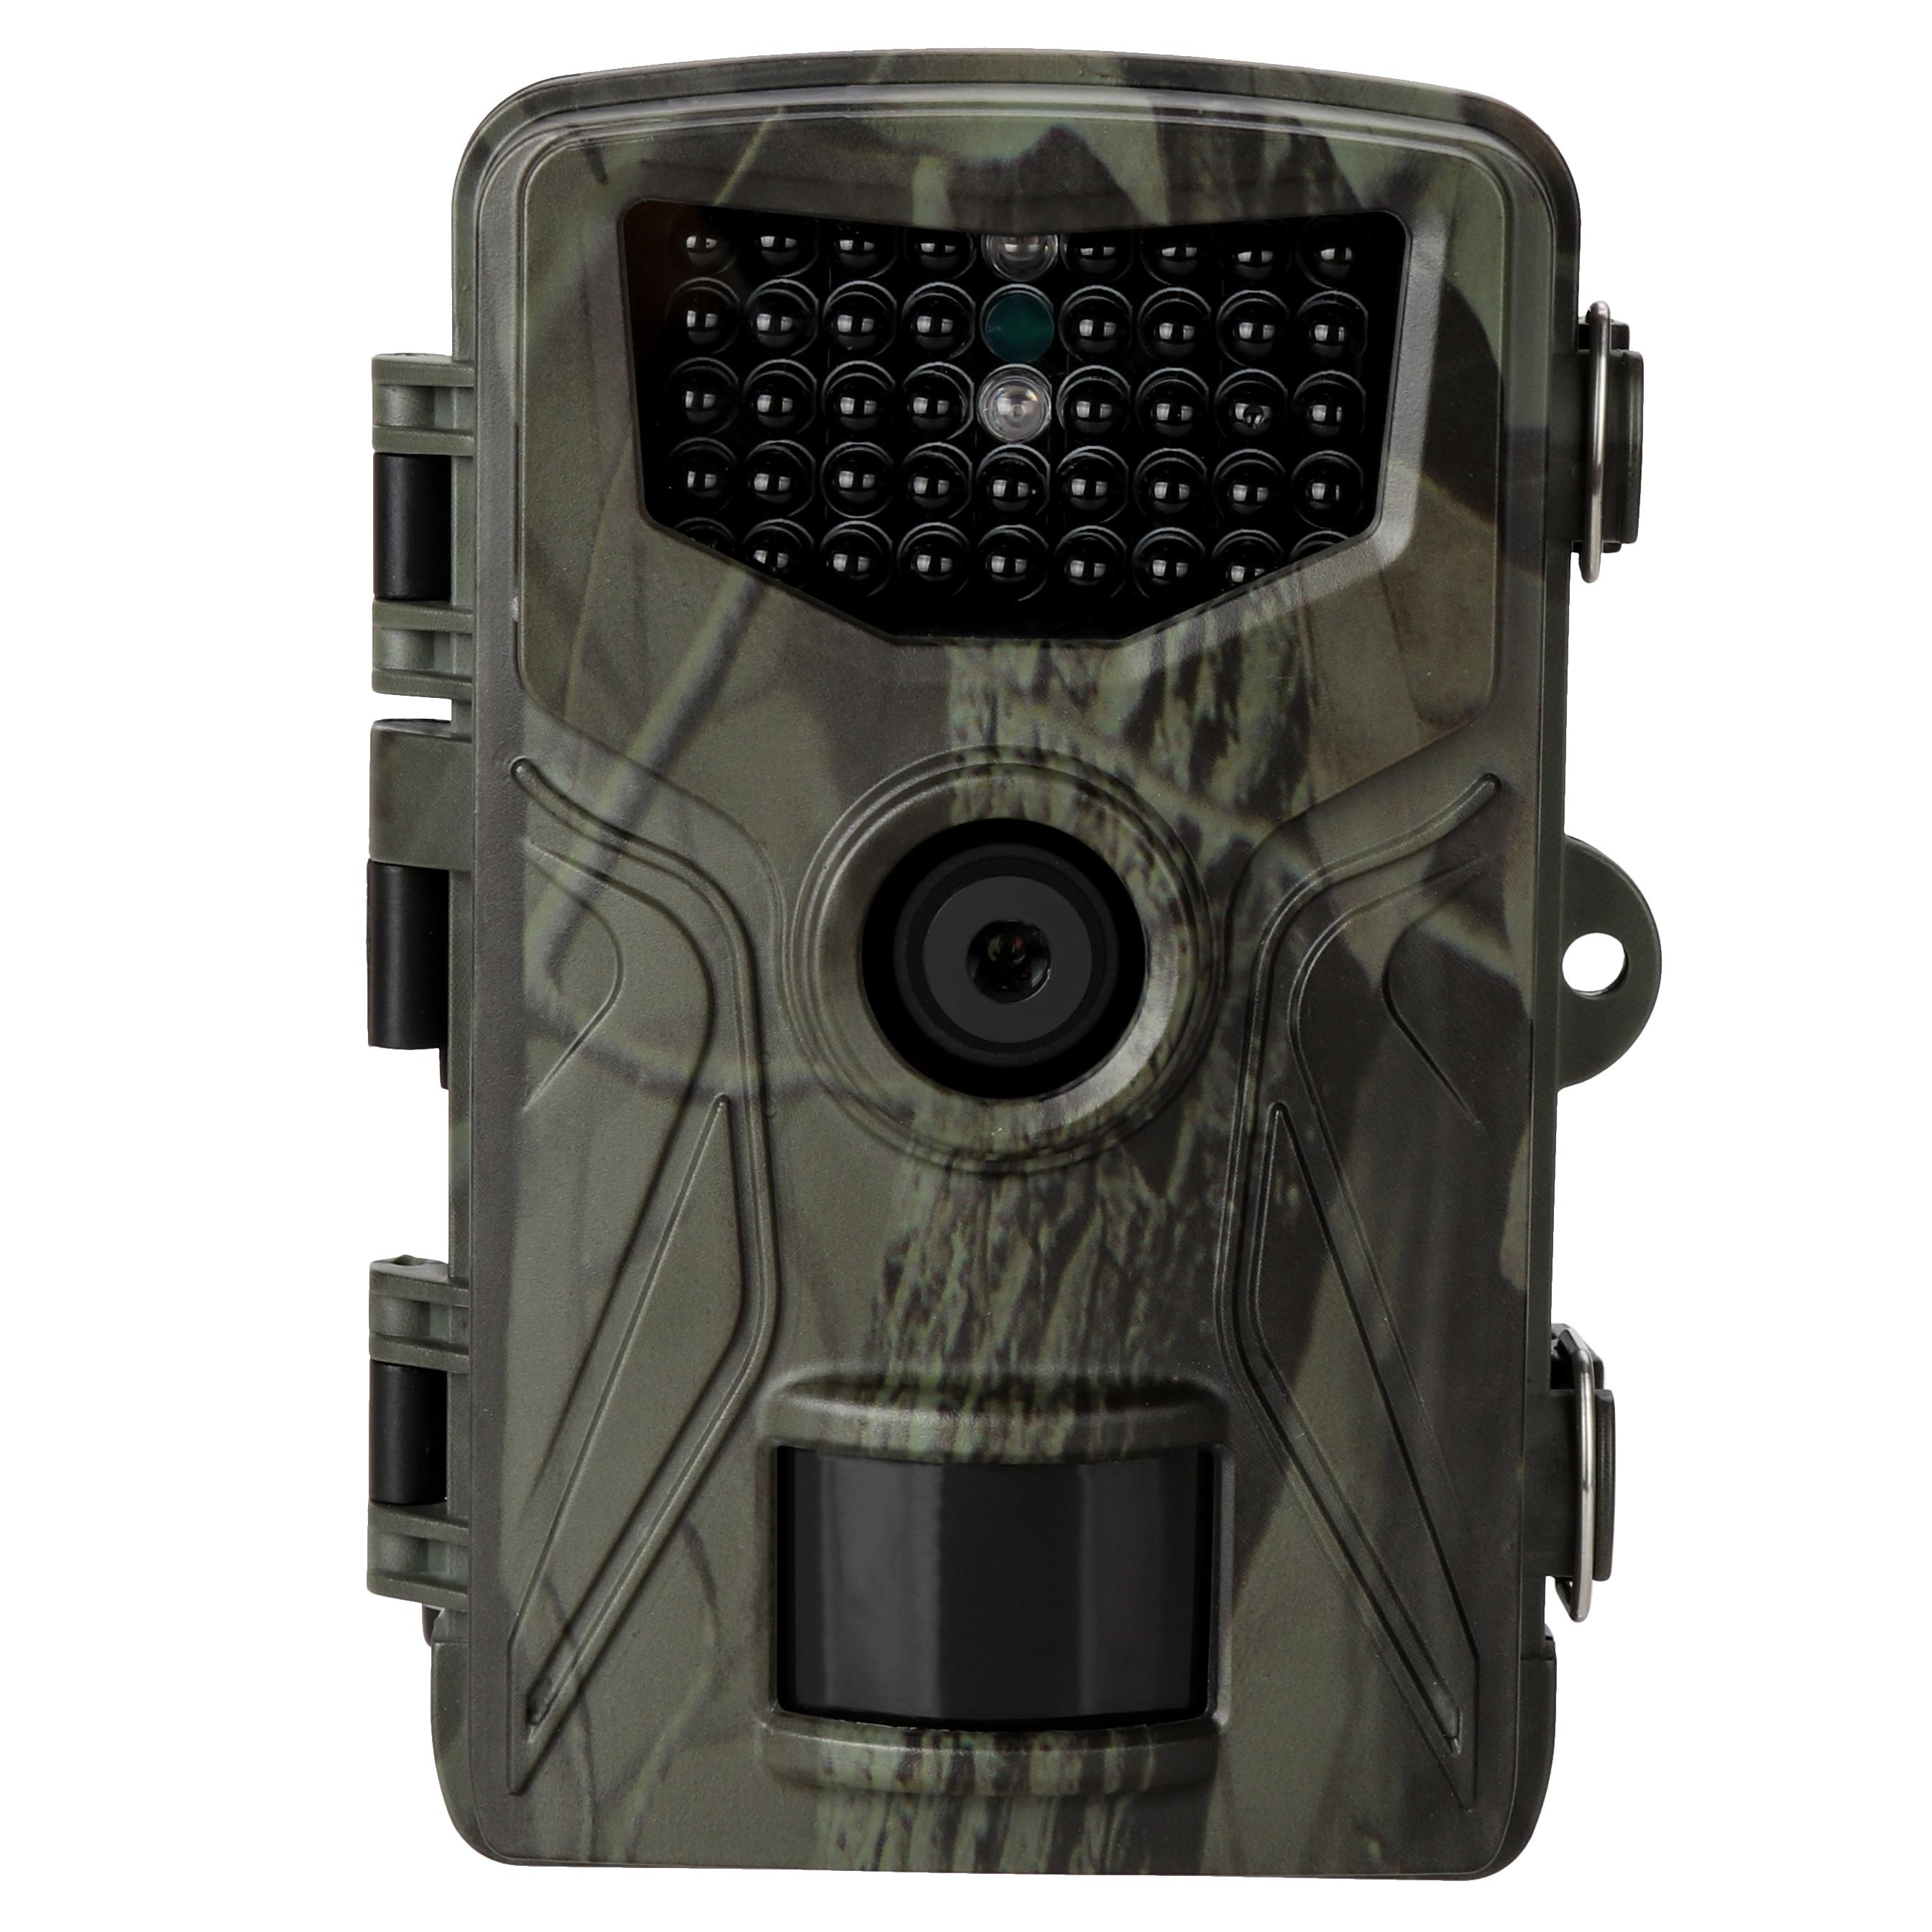 Cámara de rastreo para caza de vida salvaje, videocámara de visión nocturna HC804A 1080P 20MP, seguimiento inalámbrico, vigilancia, trampa de fotos